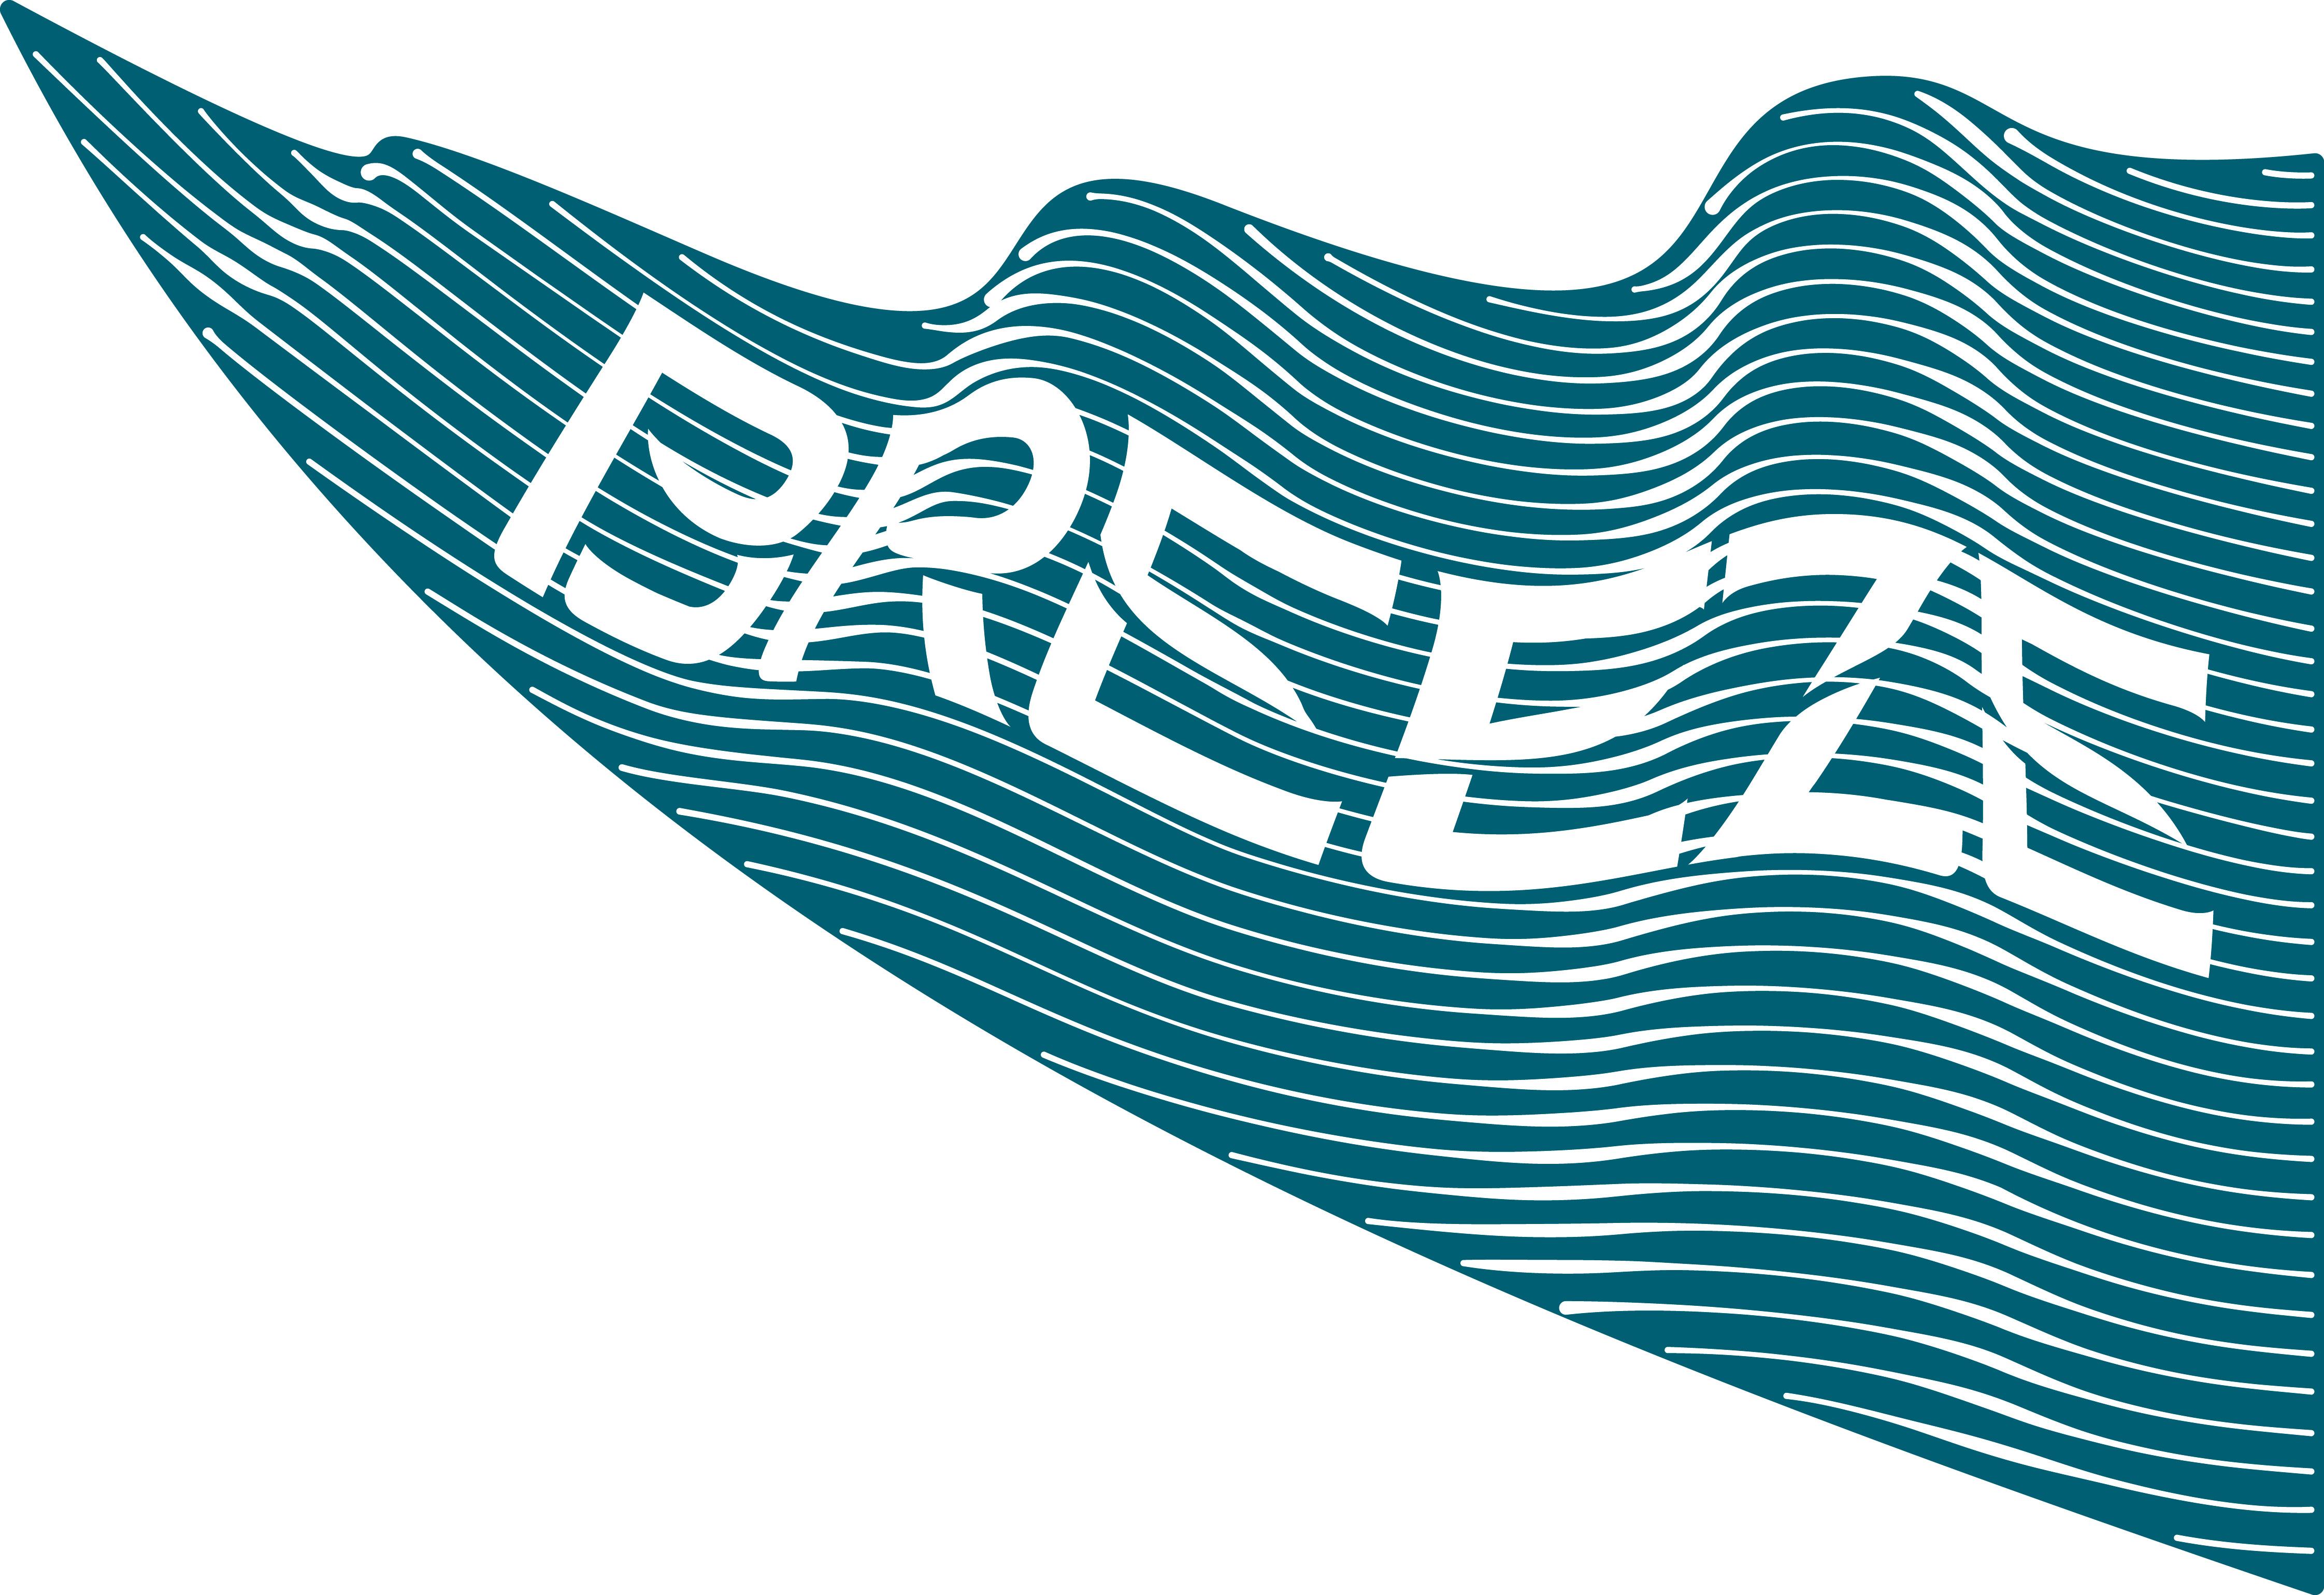 Mange fritidssejlere ønsker et prisbilligt og let håndterbart sejl, som er hurtigt handlet, mener Elvstrøm Sails, der lancerer Breeze Sails.